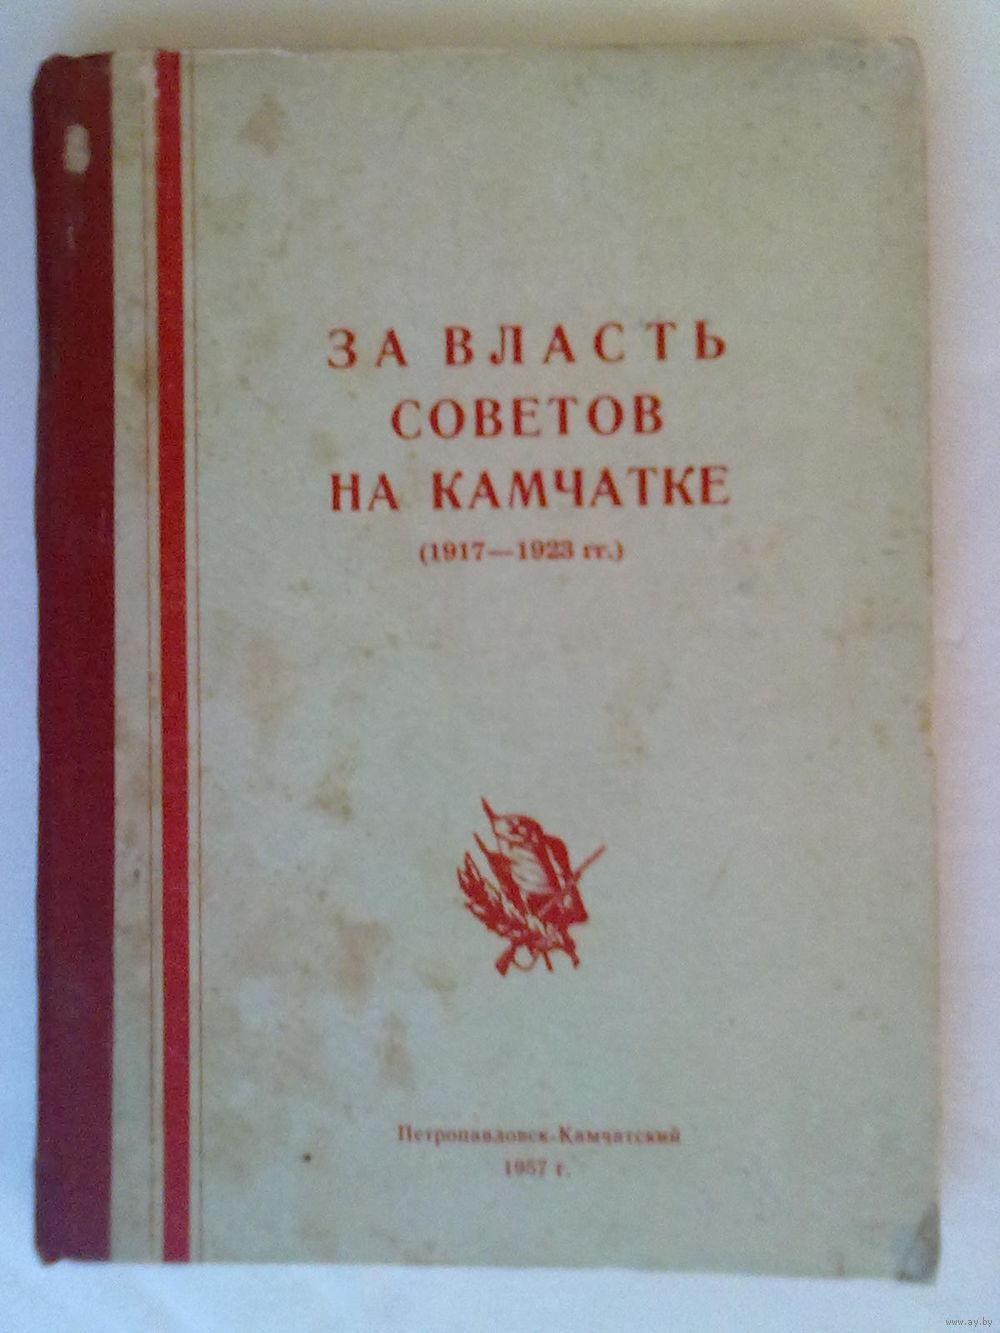 За власть советов 1956 - смотреть видео - все о